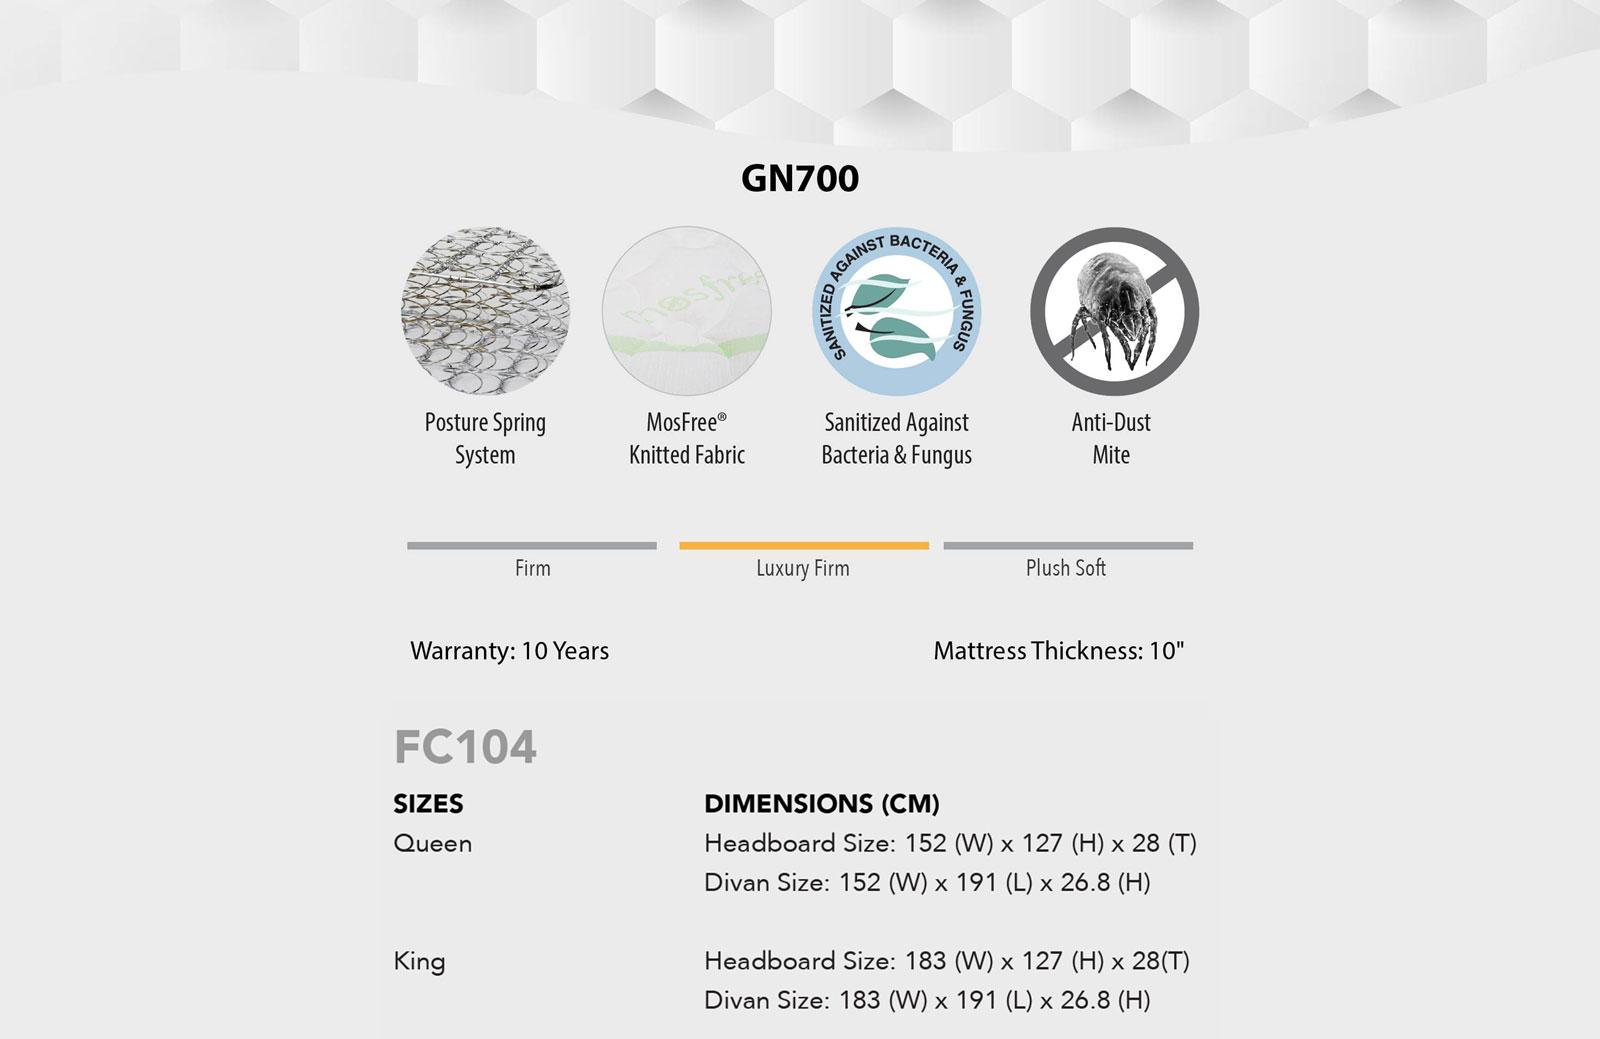 gn700-details.jpg